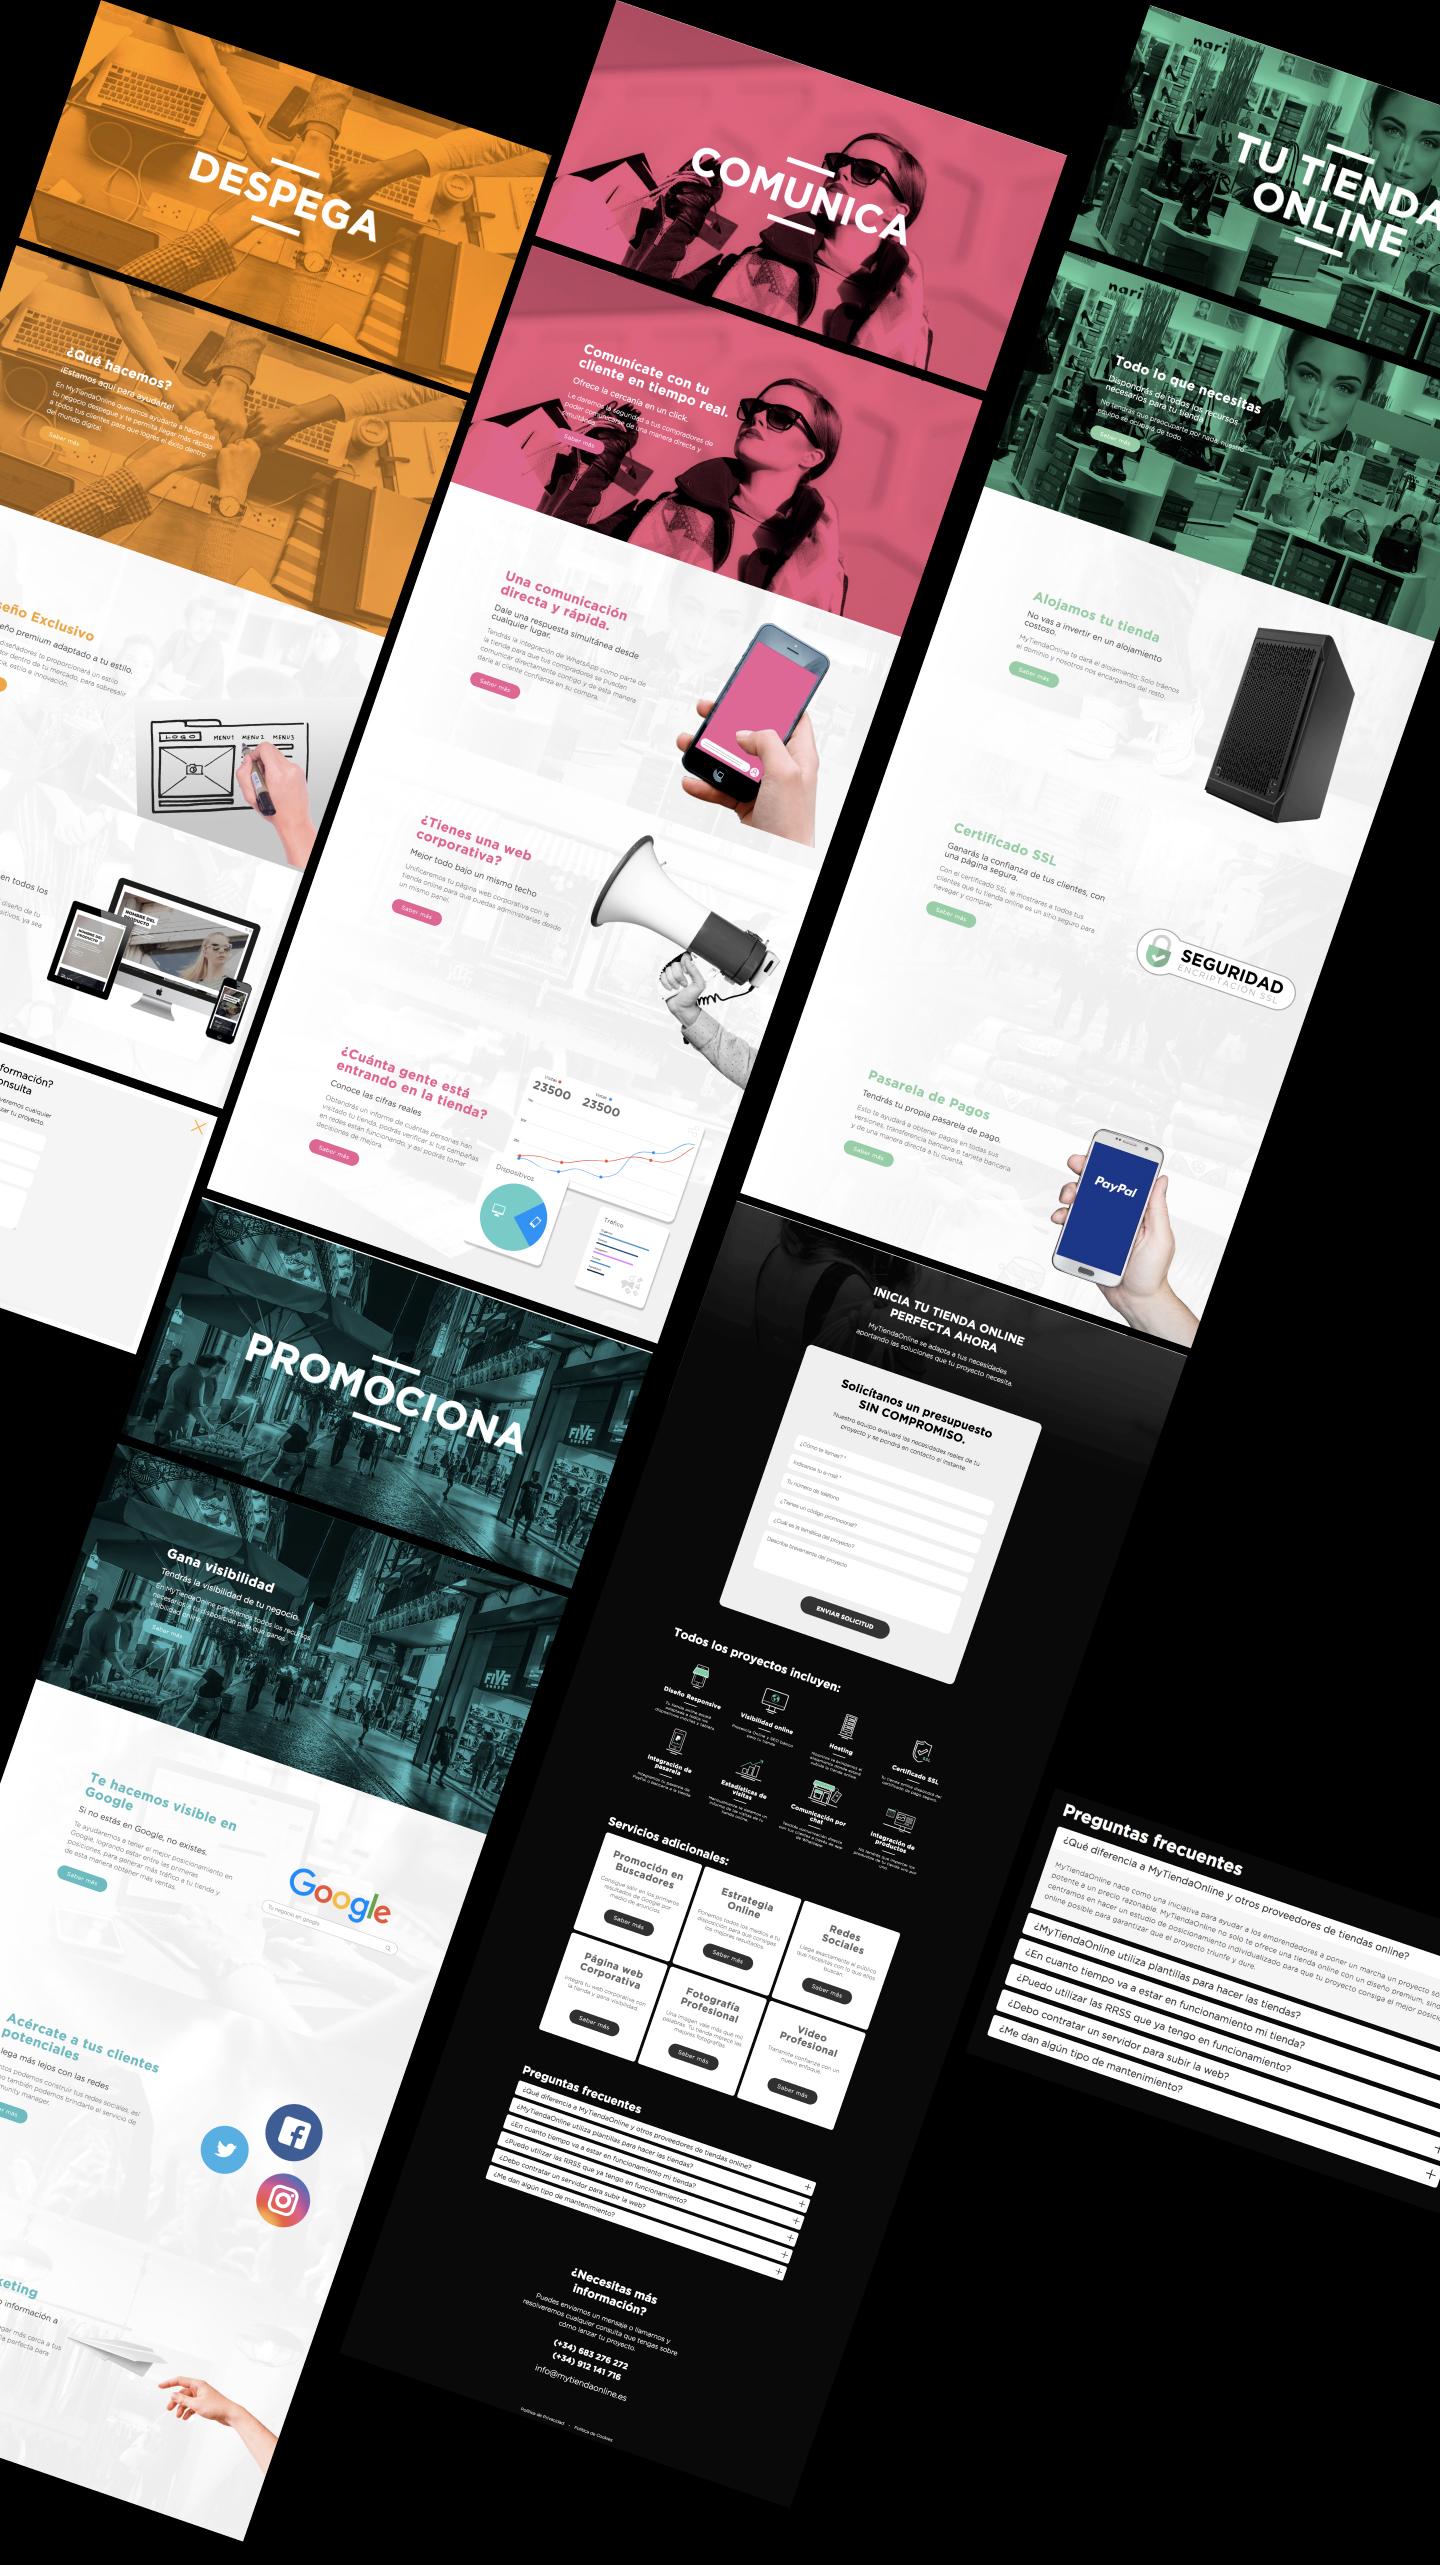 Desarrollo de tiendas online en Murcia. Programador freelance en Murcia